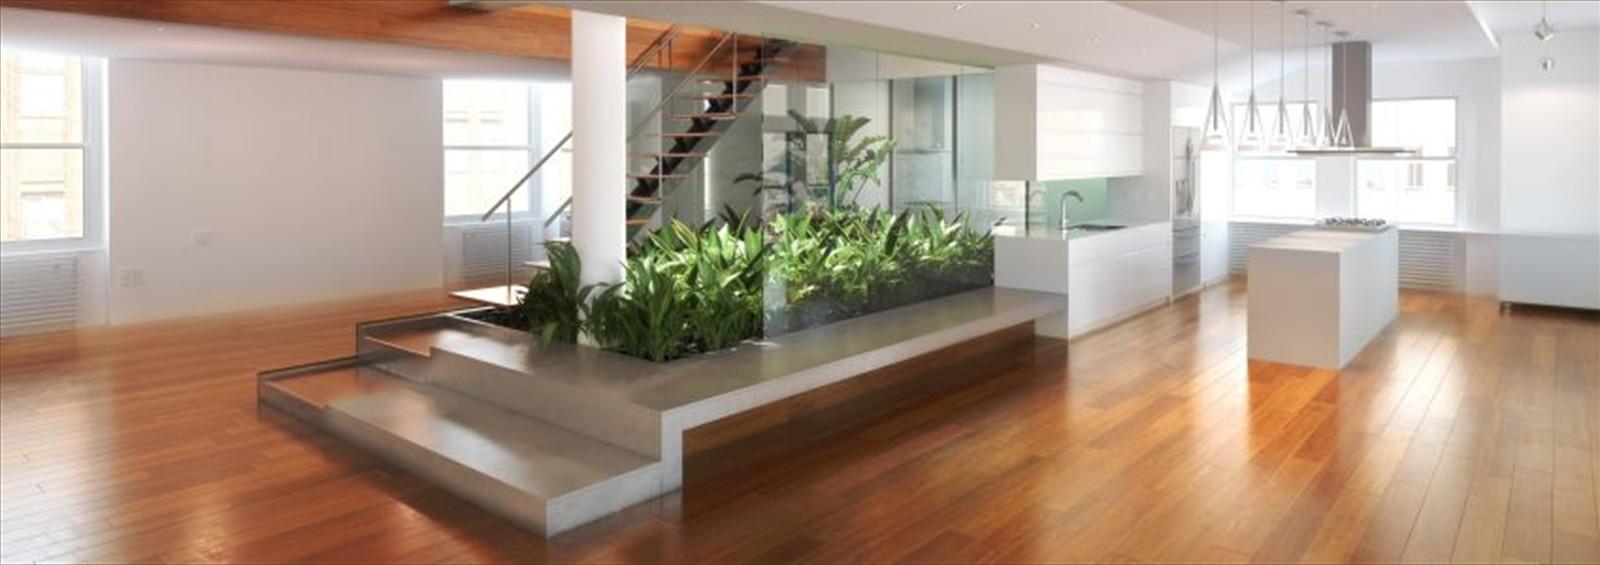 Hardwood floors denver artisan custom hardwoods for Hardwood floors denver